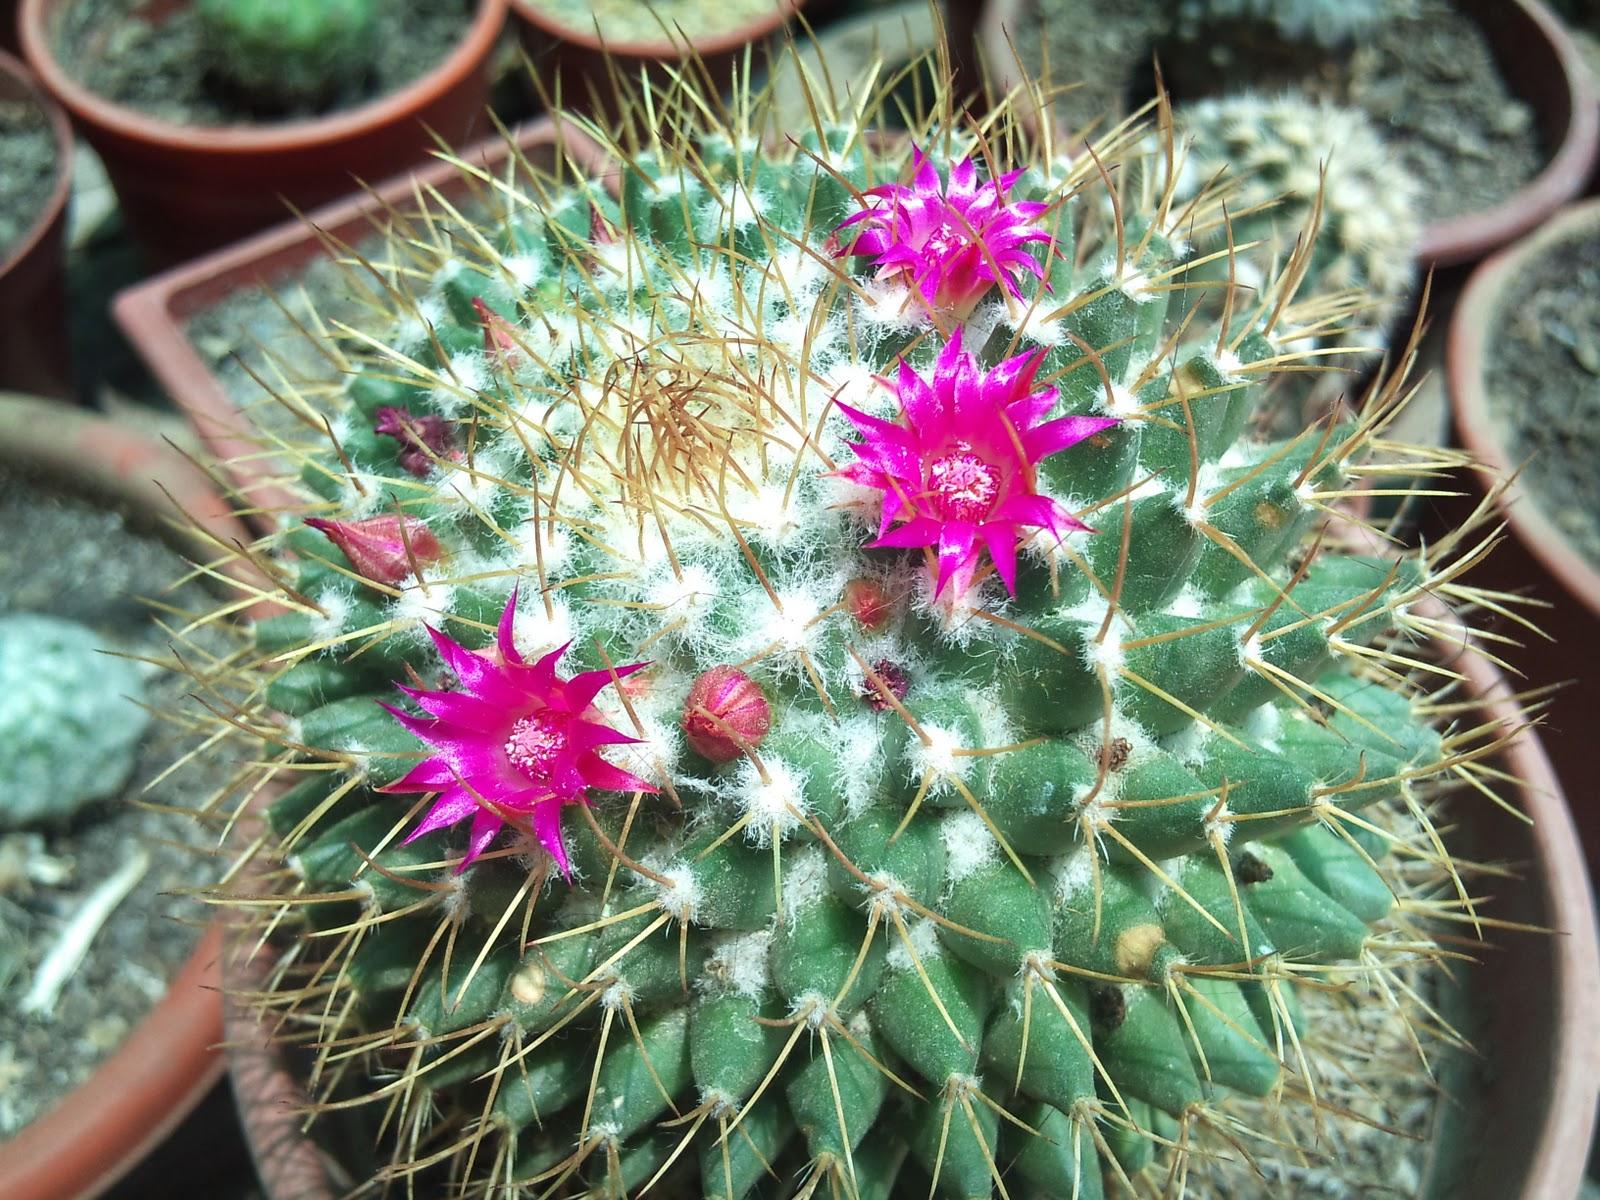 Marycactus variedades de mammillarias for Cactus variedades fotos